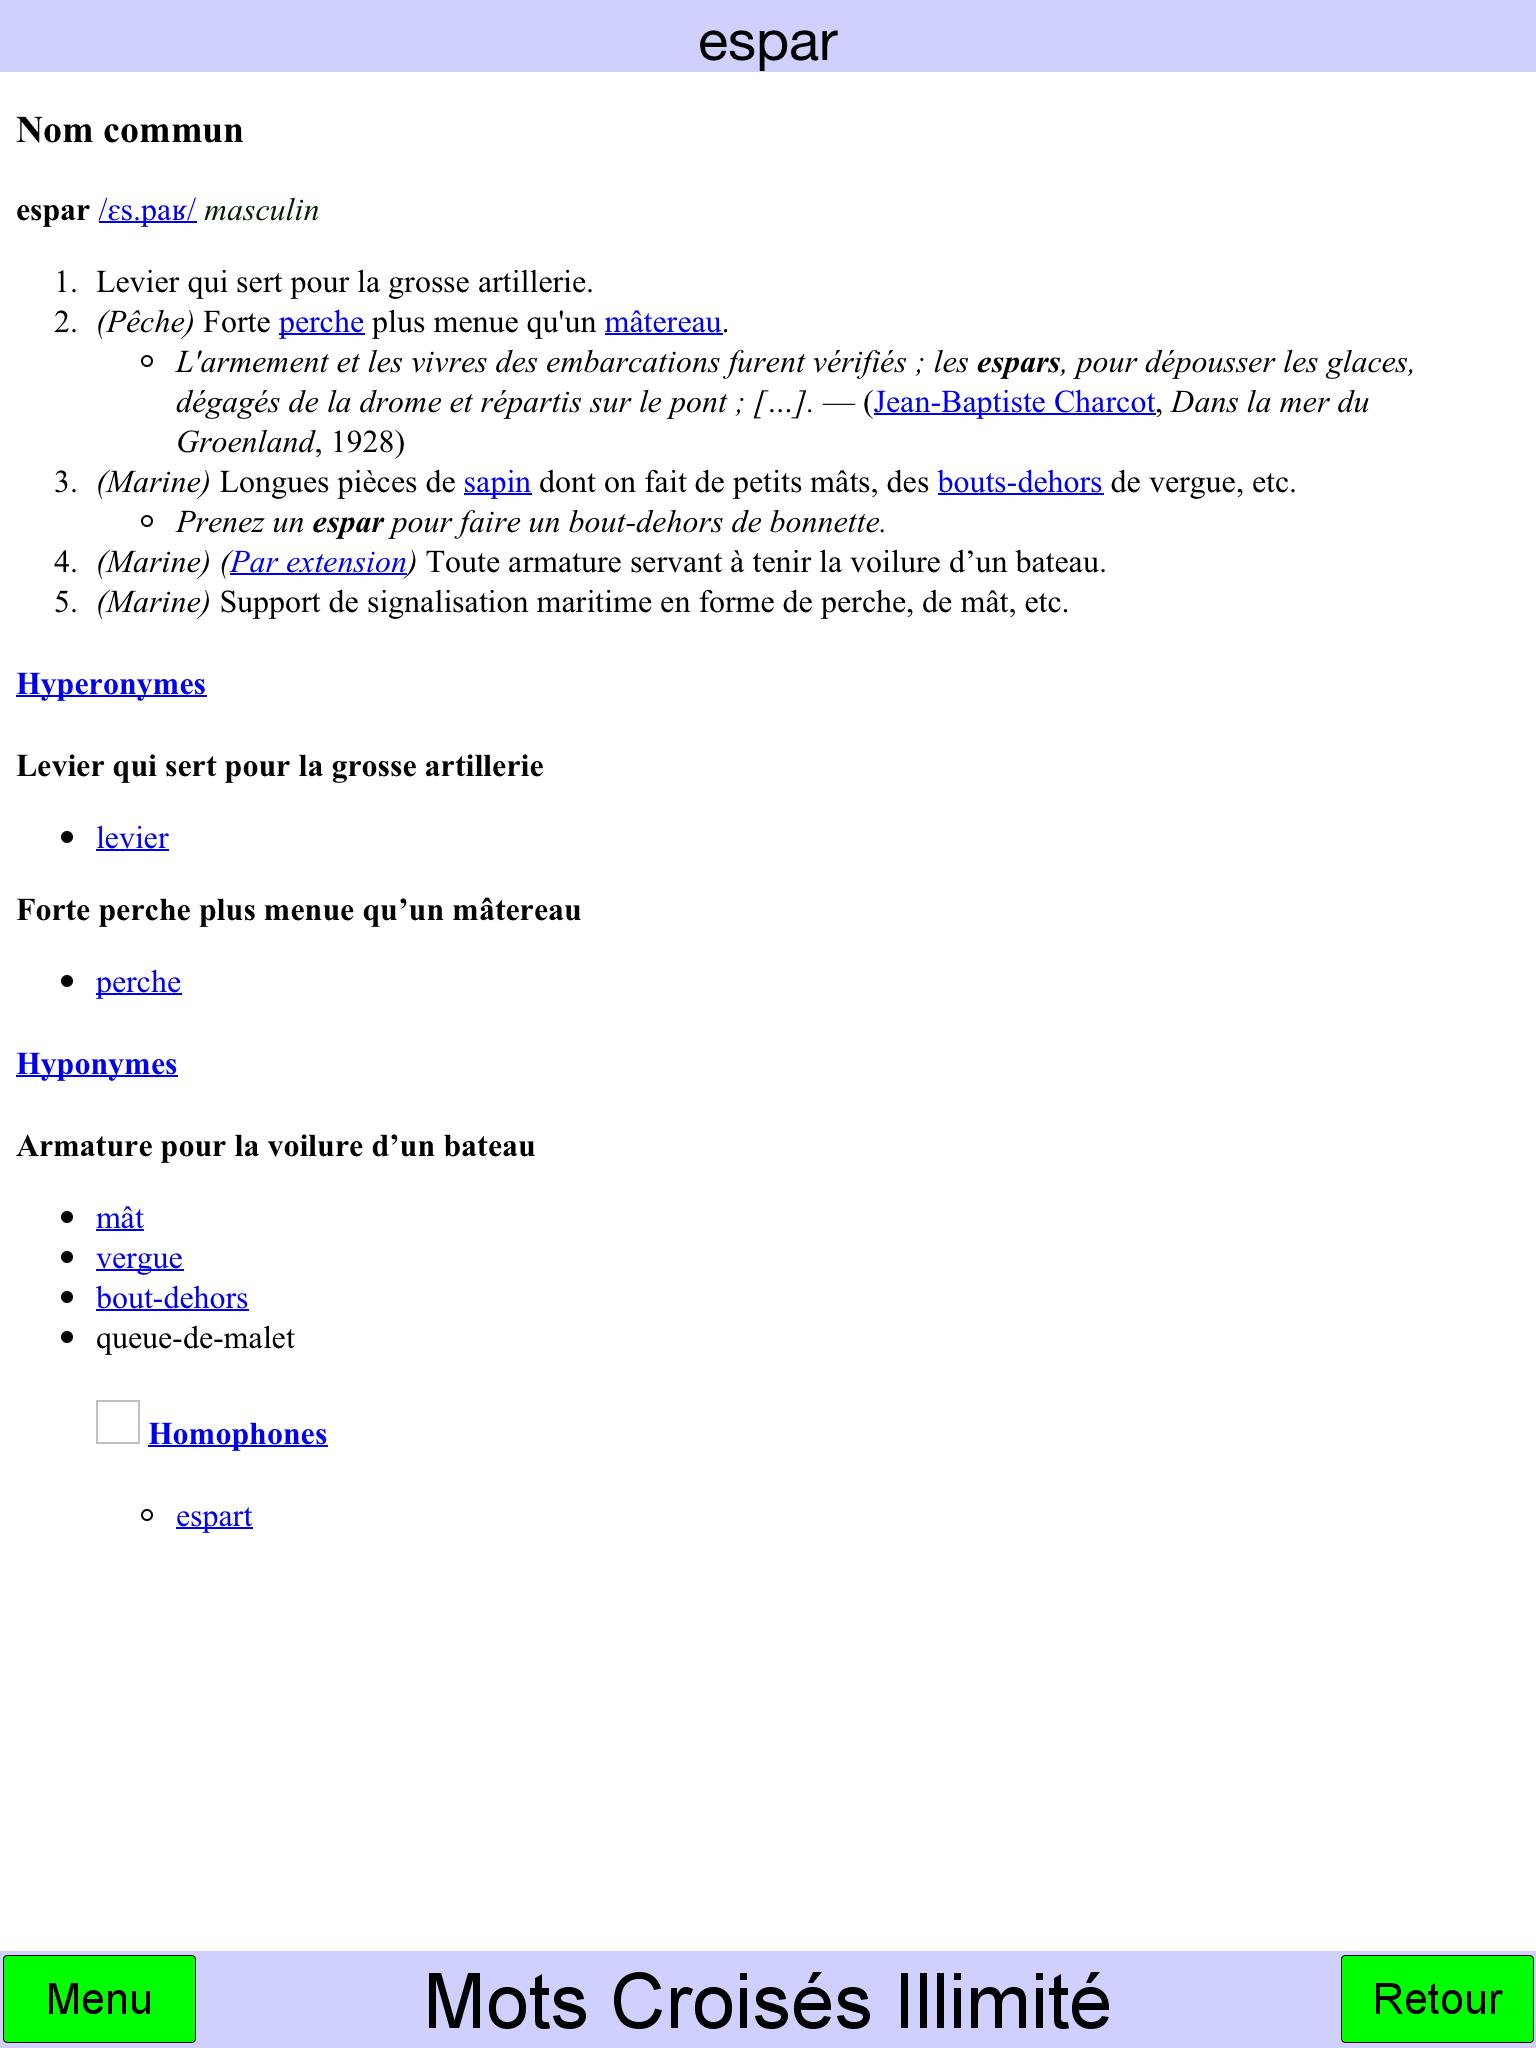 Mots Croisés Illimité - Jouer Mots Croisés En Ligne (Online) dedans Mots Croisés Très Difficiles